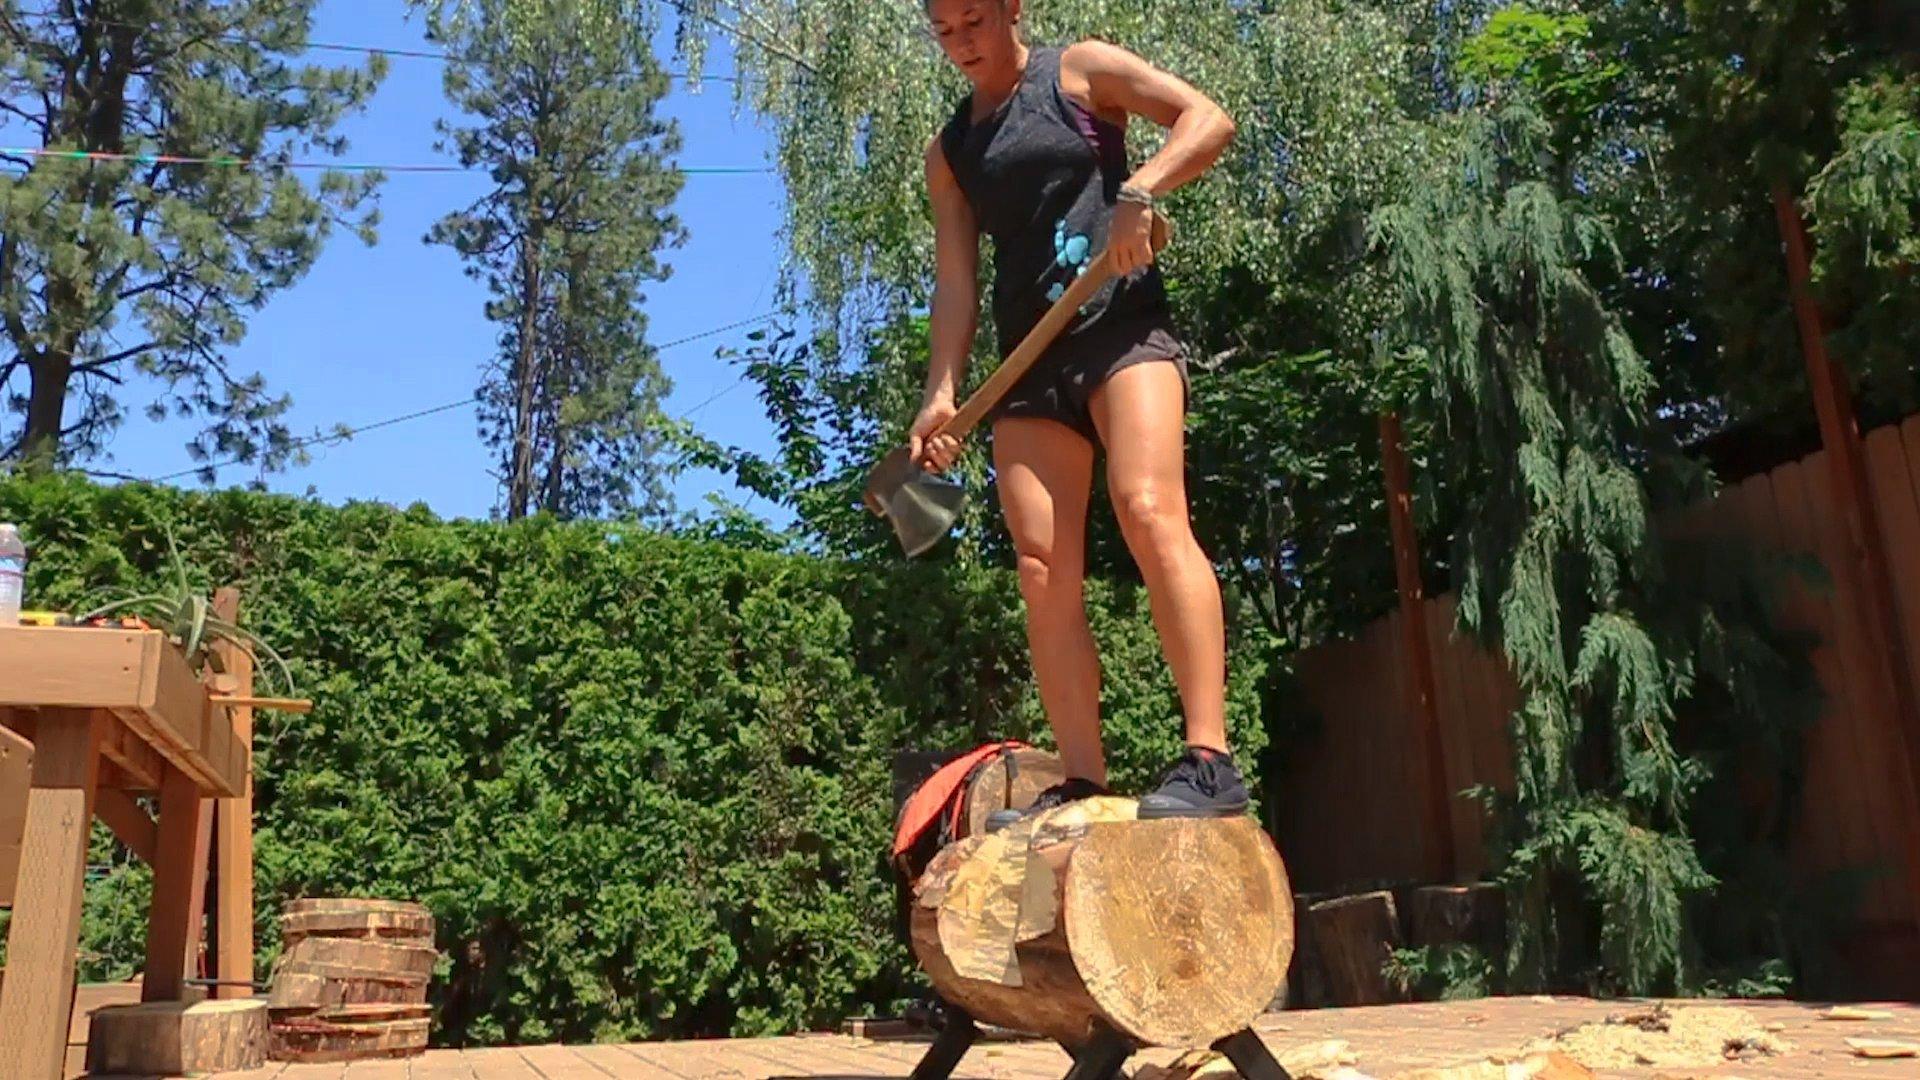 RT @60SecDocs: Meet Erin LaVoie, a world champion in lumberjack sports. @usladychopper #FollowFriday https://t.co/RMofSYzZk9